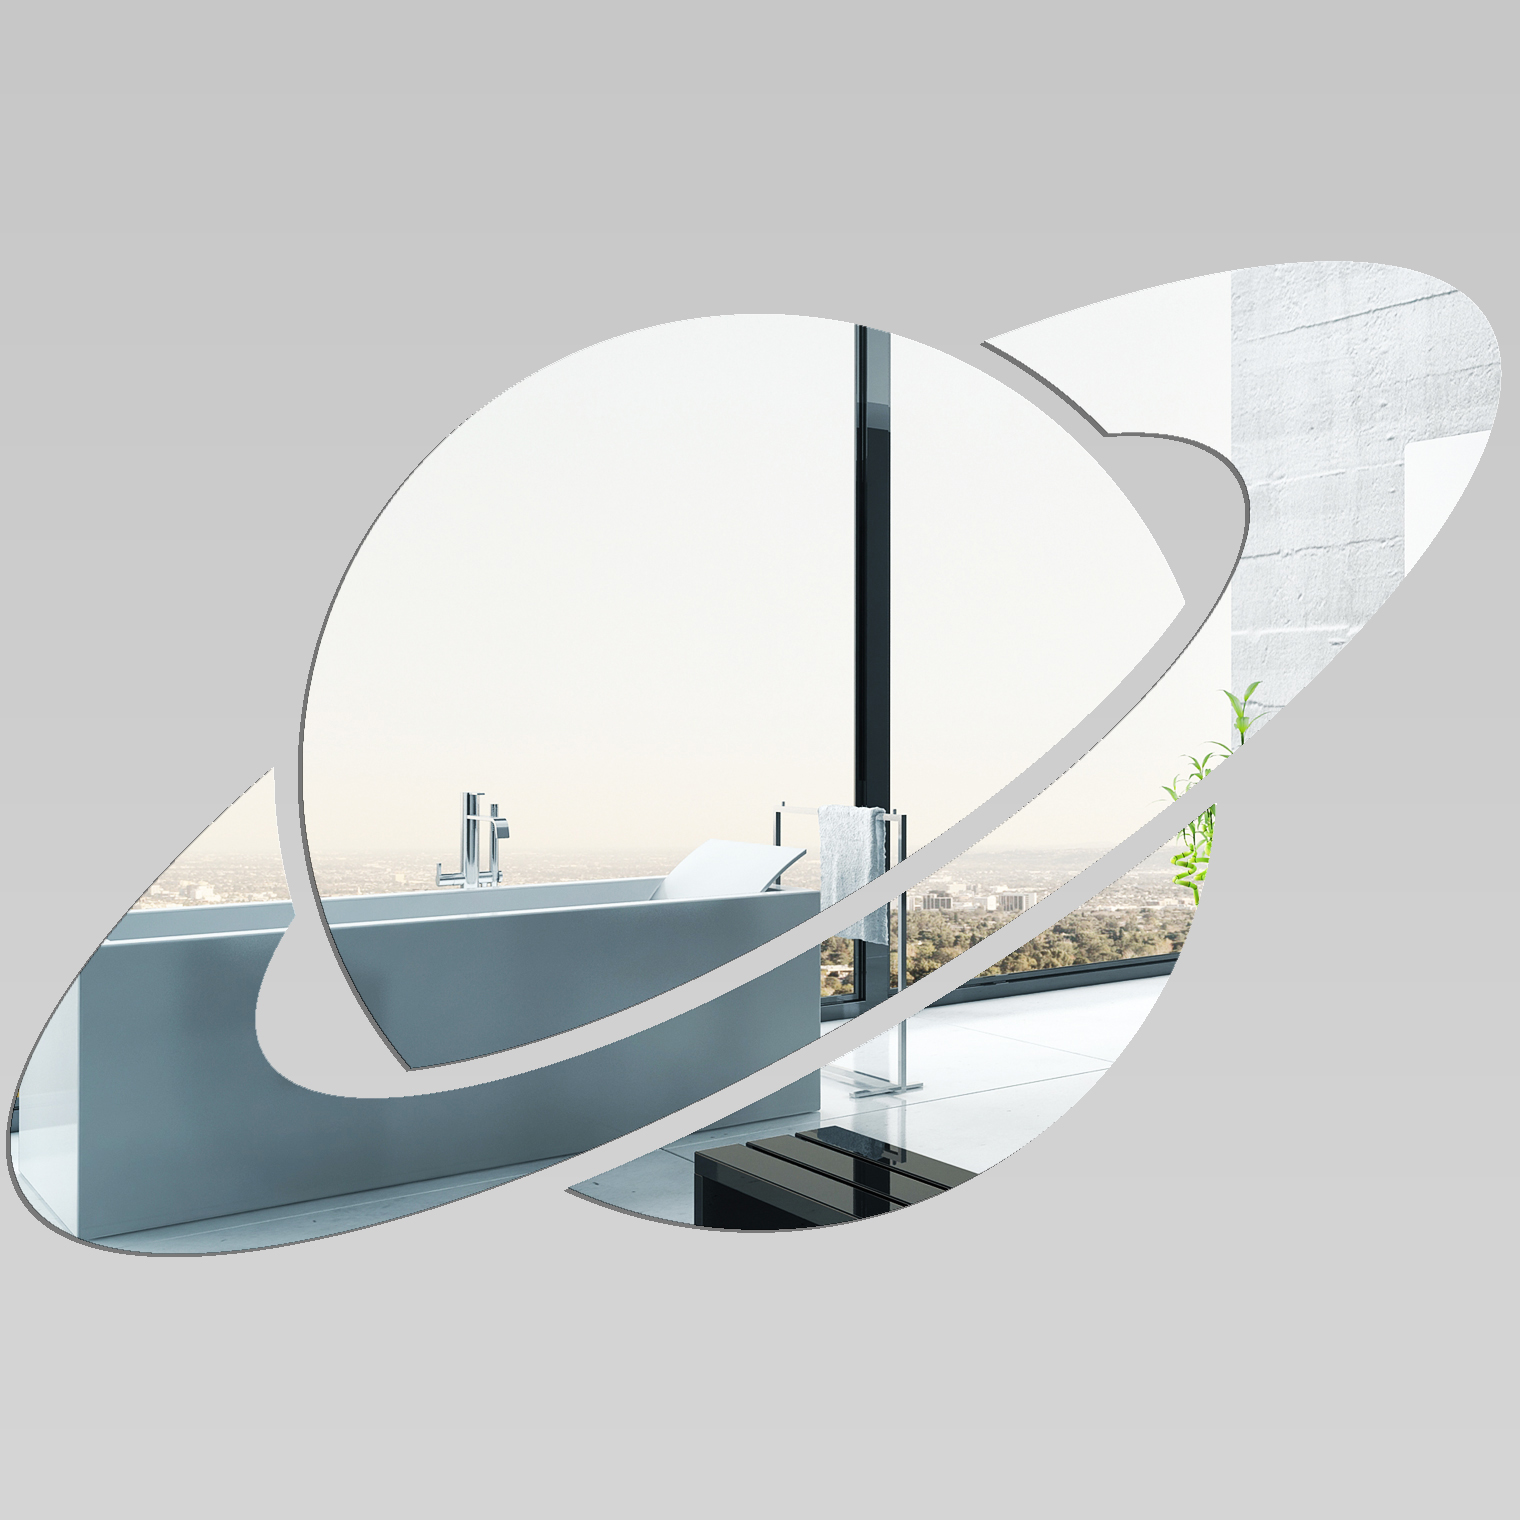 Adesivi follia specchio acrilico plexiglass giove - Plexiglass a specchio ...